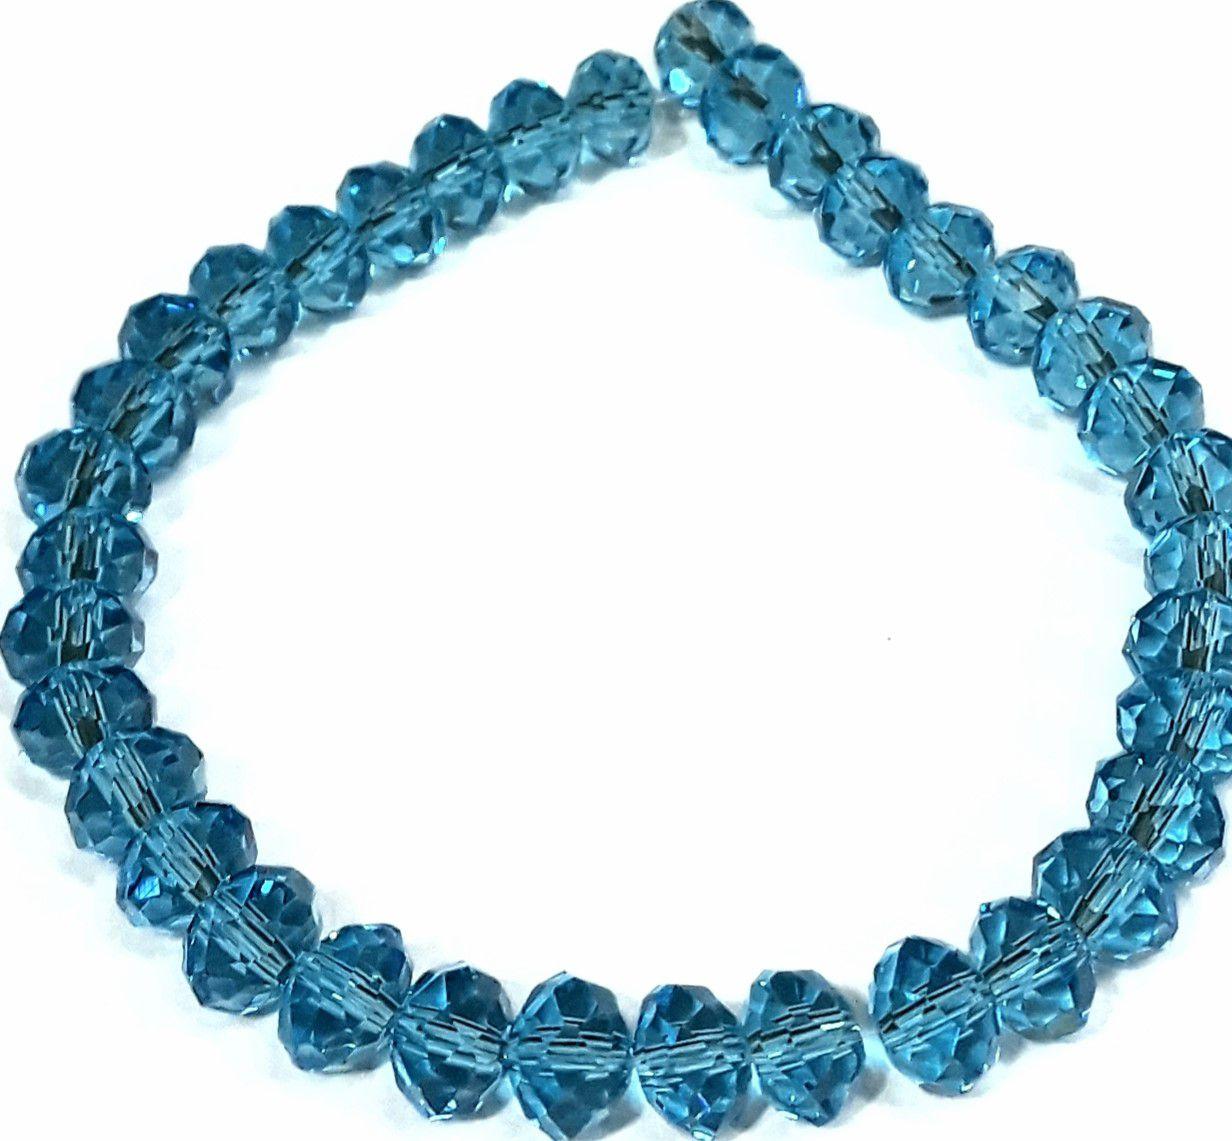 Fio de Cristal Achatado (Azul Turquesa Transparente) 8mm - FDC22